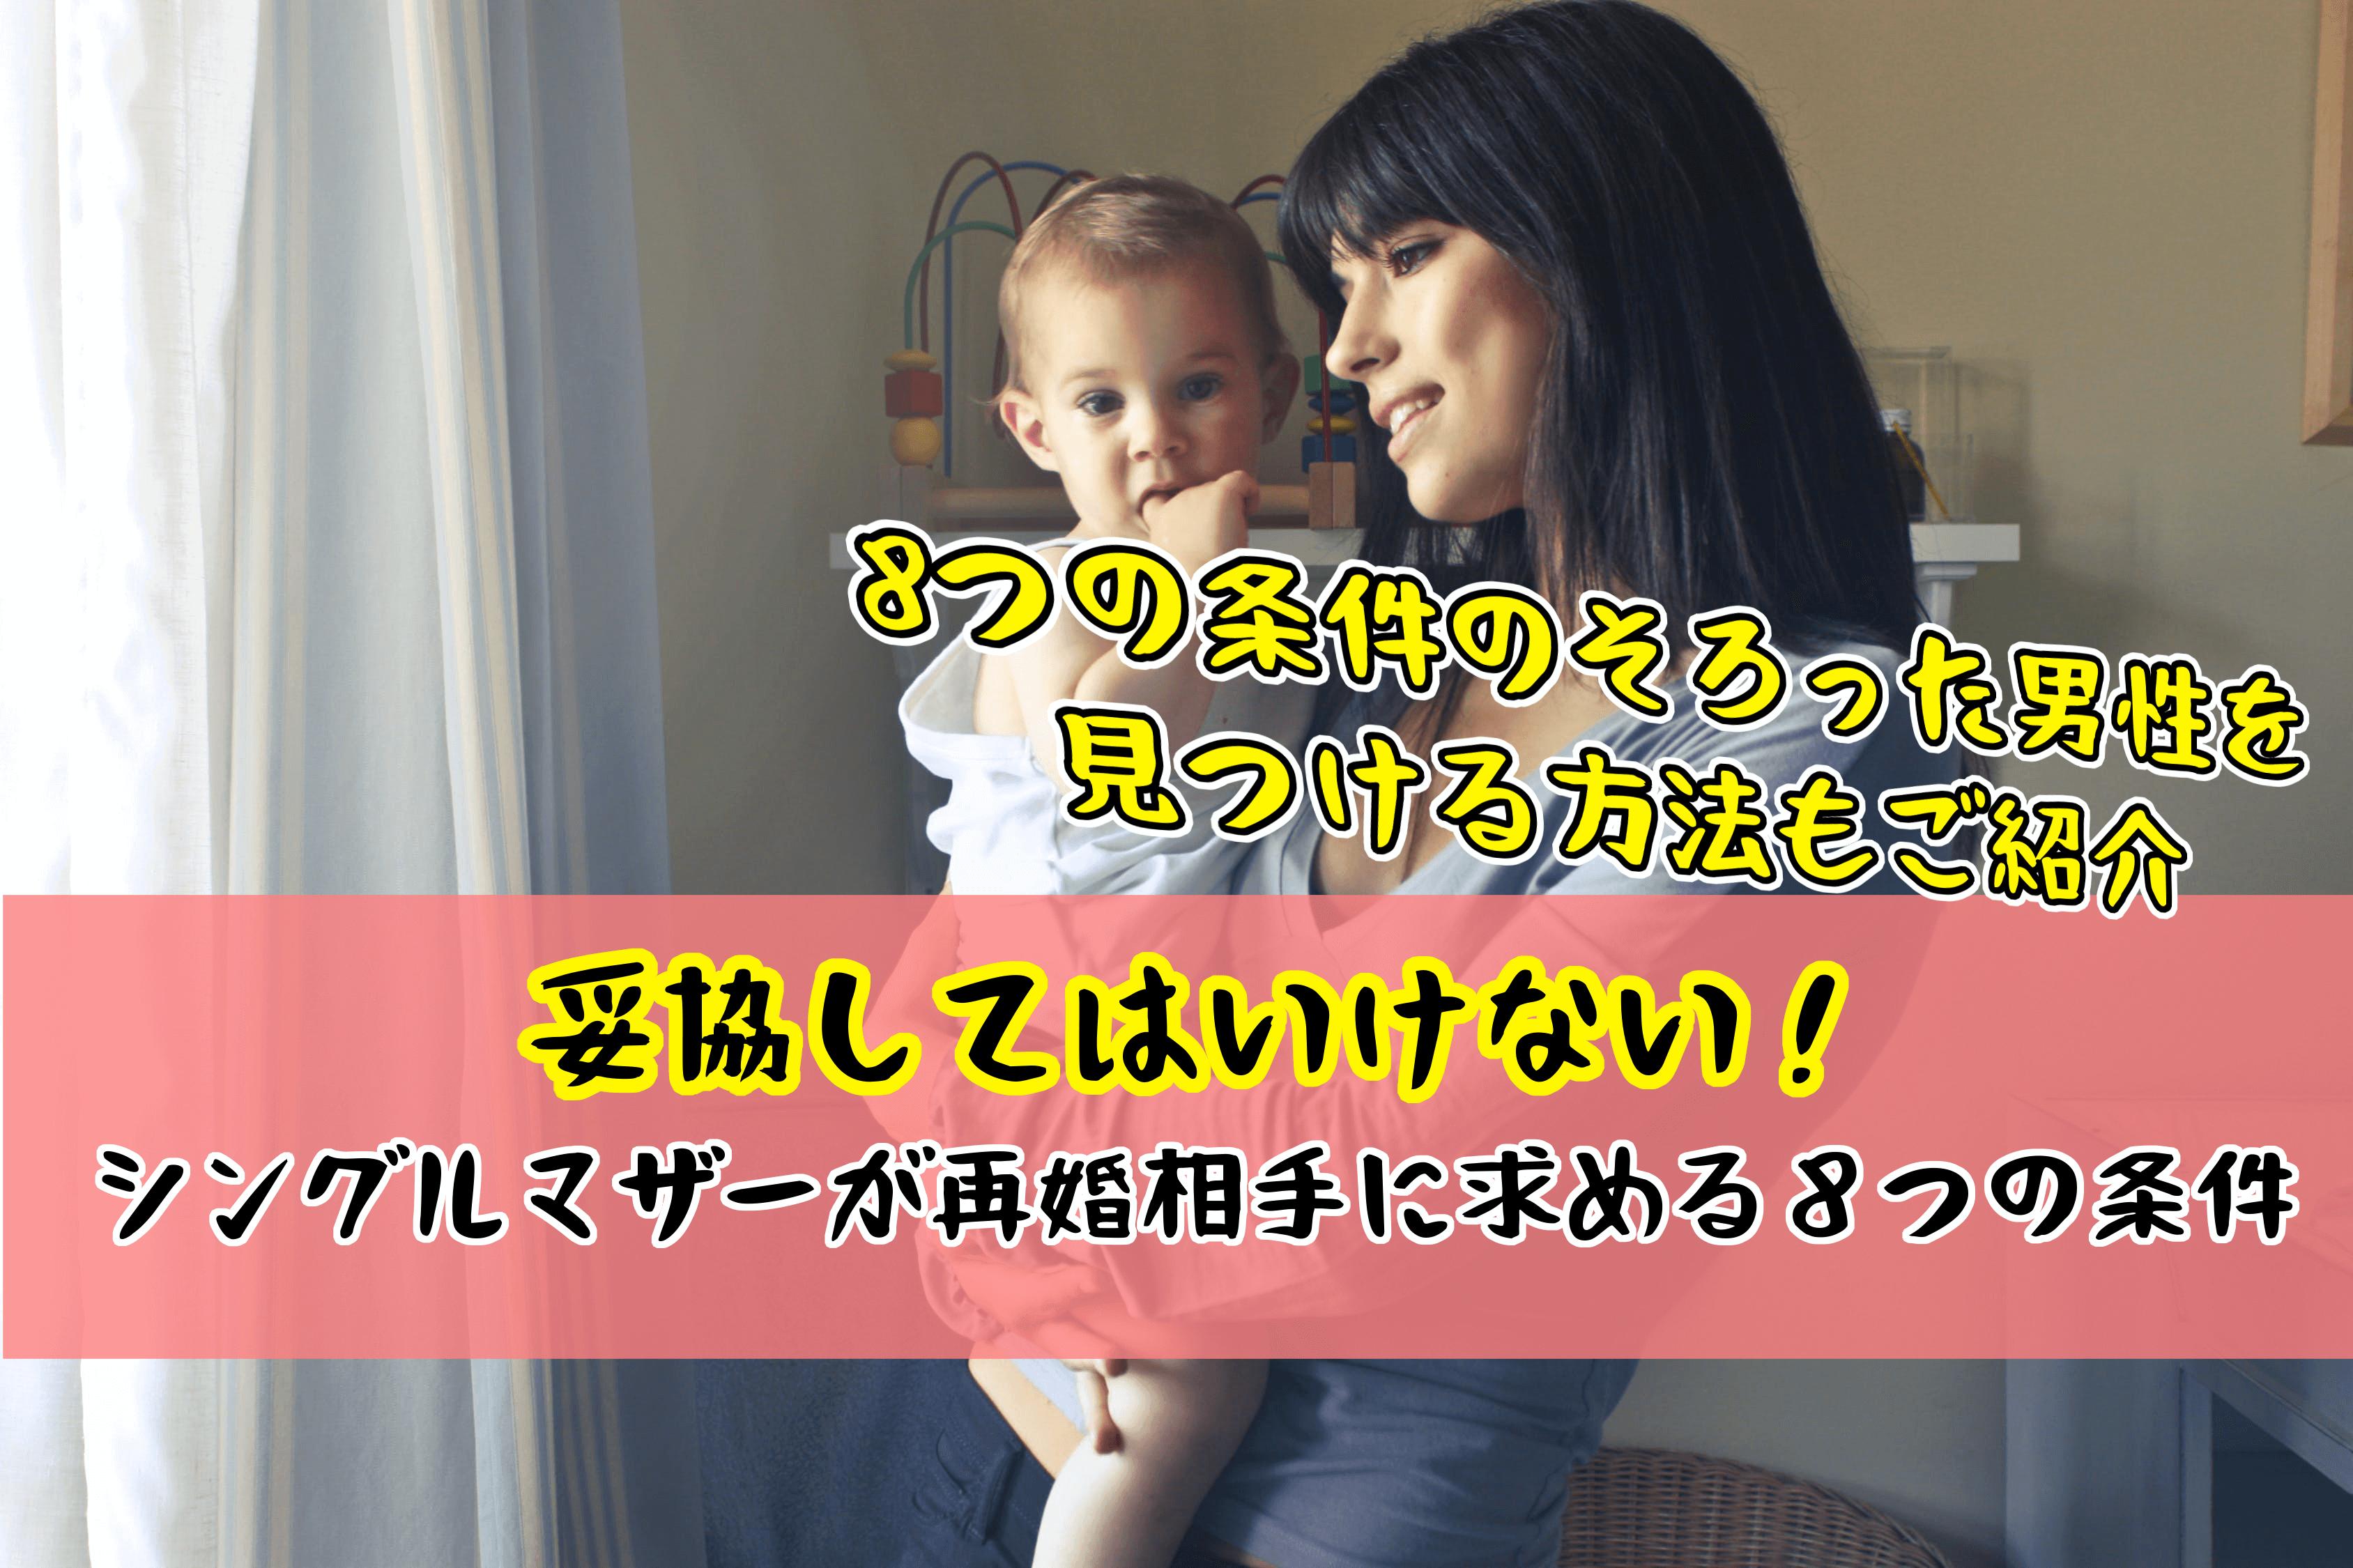 妥協してはいけない!シングルマザーが再婚相手に求める8つの条件とは?<br />